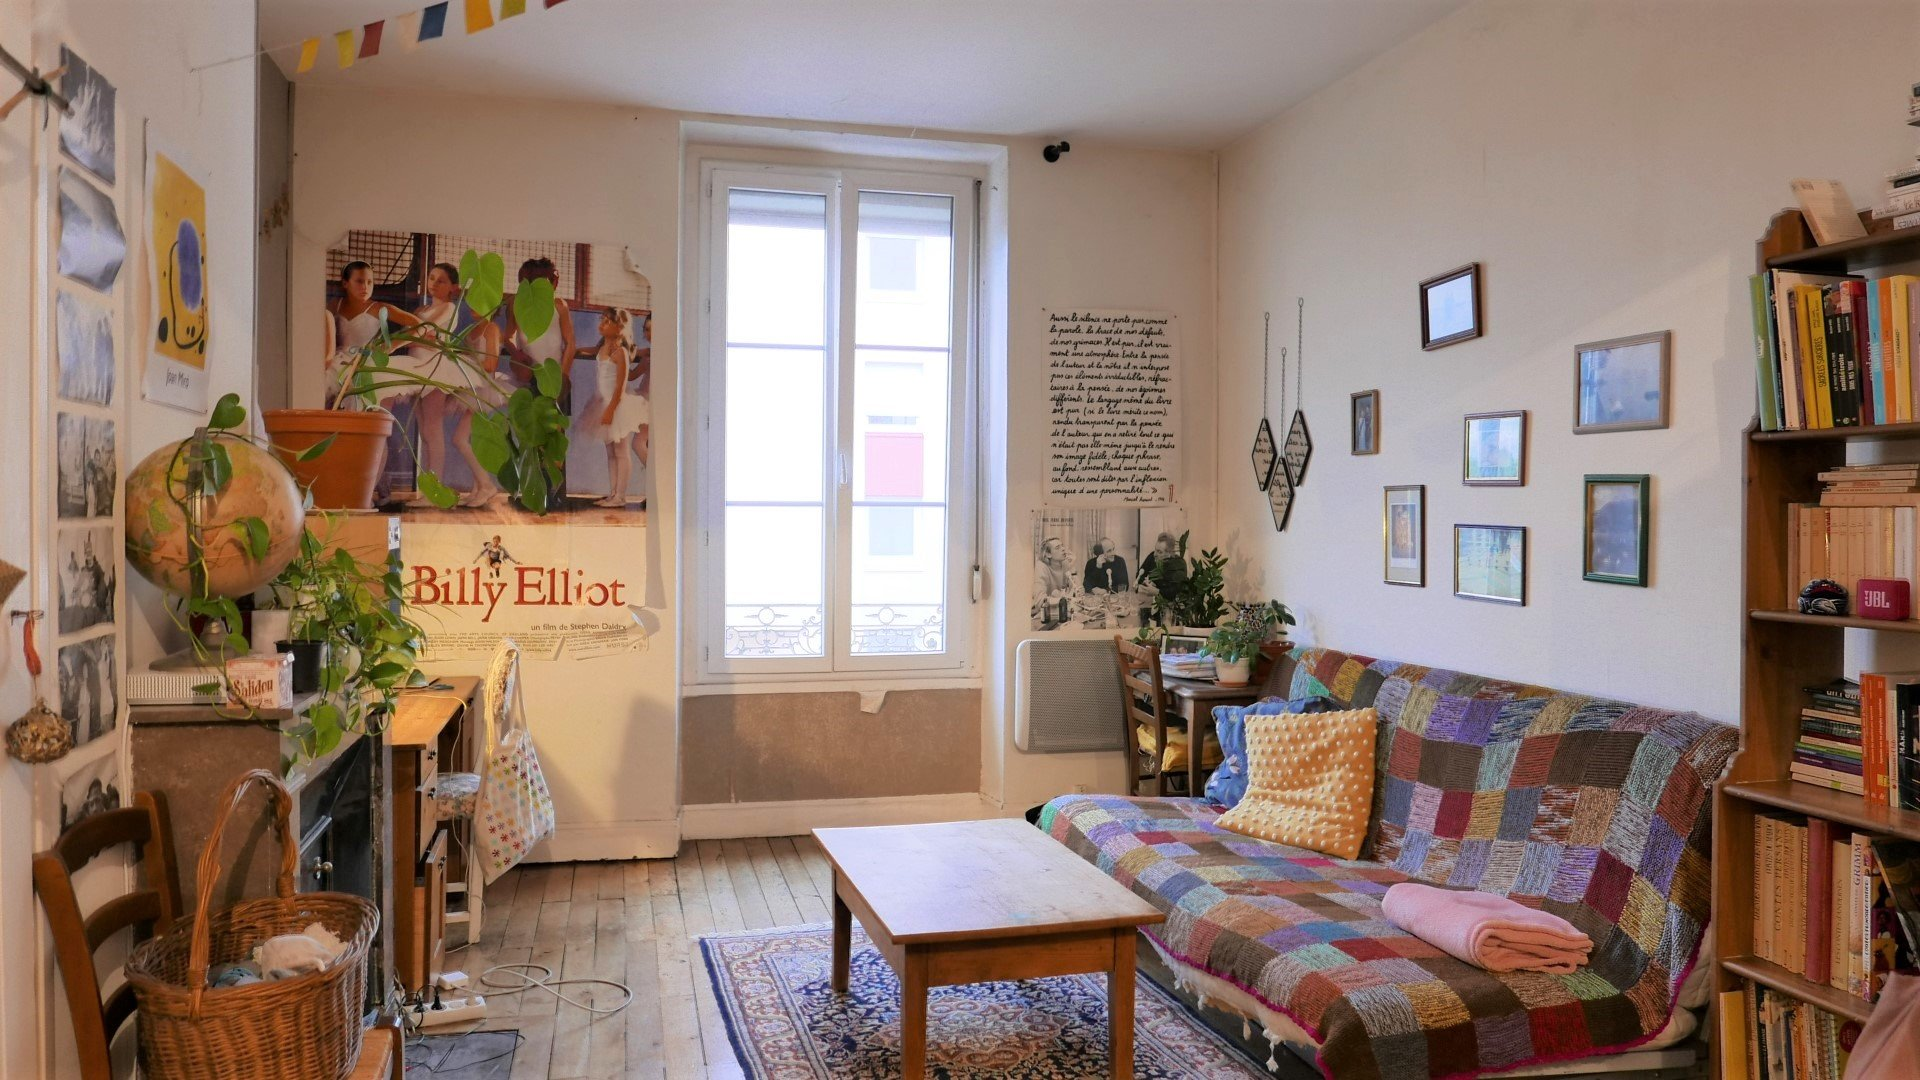 Achat Appartement Surface de 47 m², 2 pièces, Villeurbanne (69100)